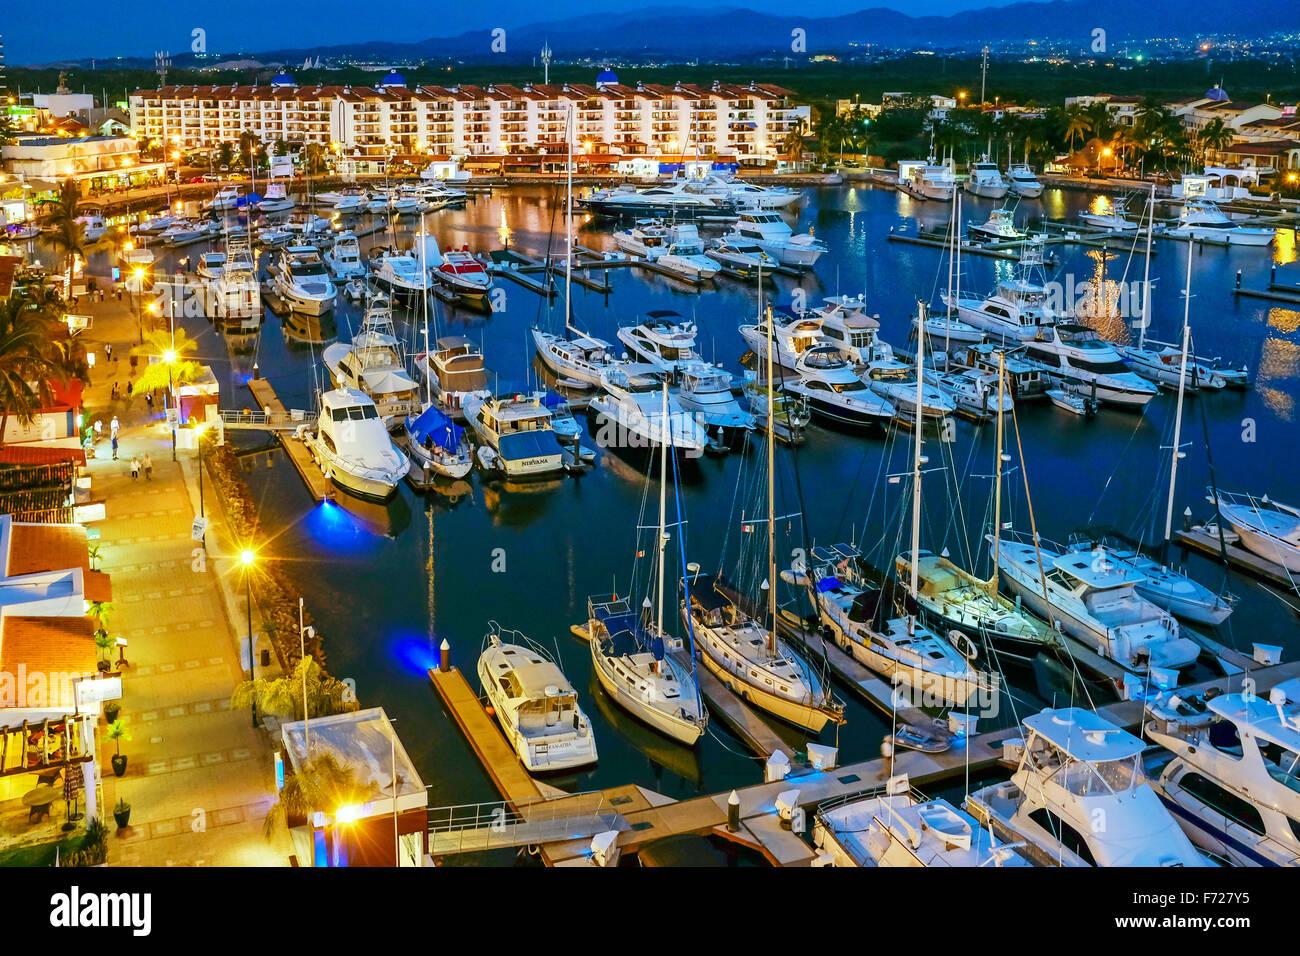 Serata presso il porto turistico di Marina Vallarta, Puerto Vallarta, Messico Immagini Stock